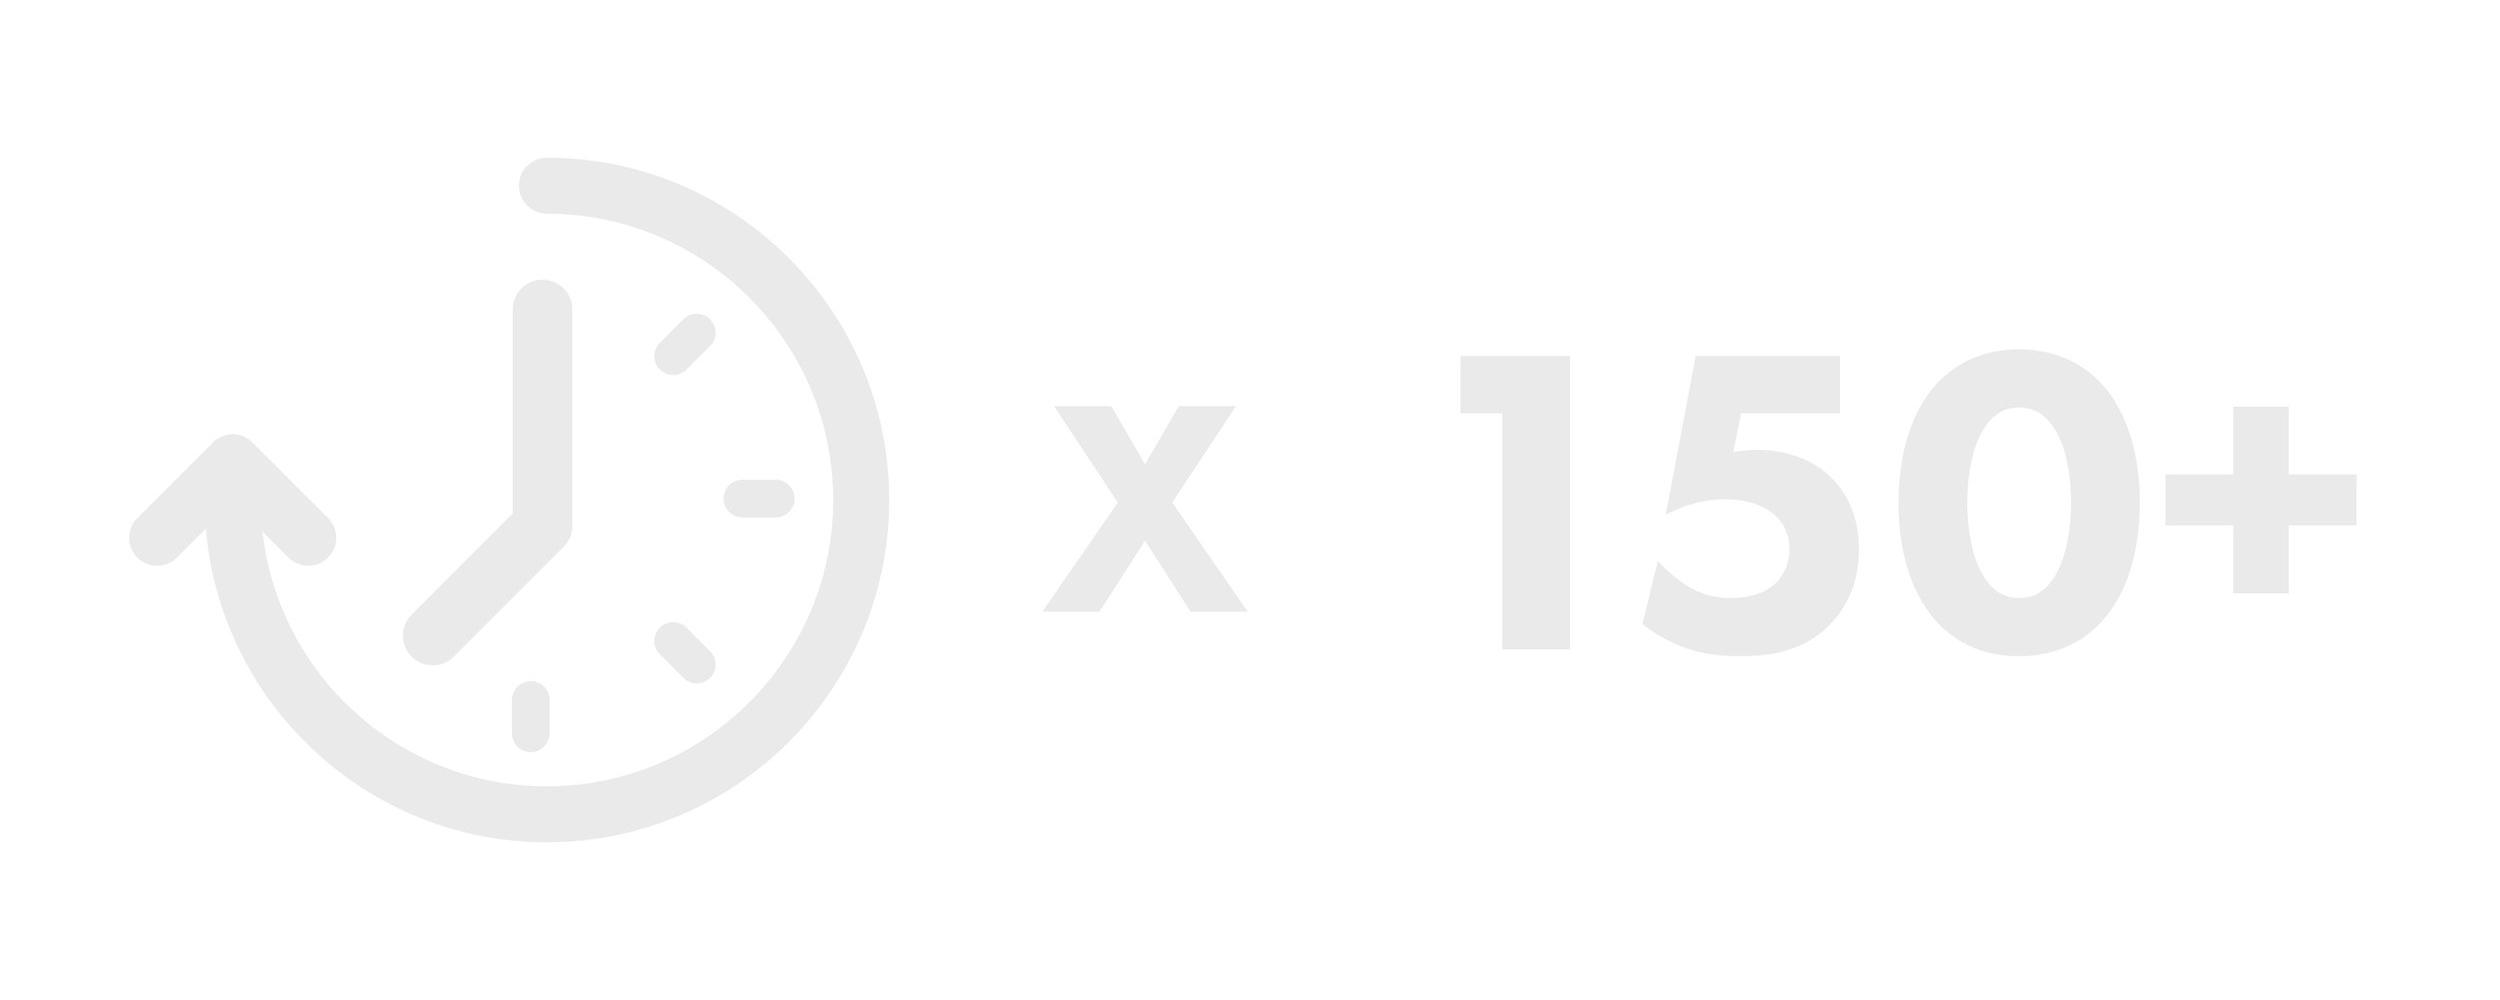 100 Years Experience-01.jpg